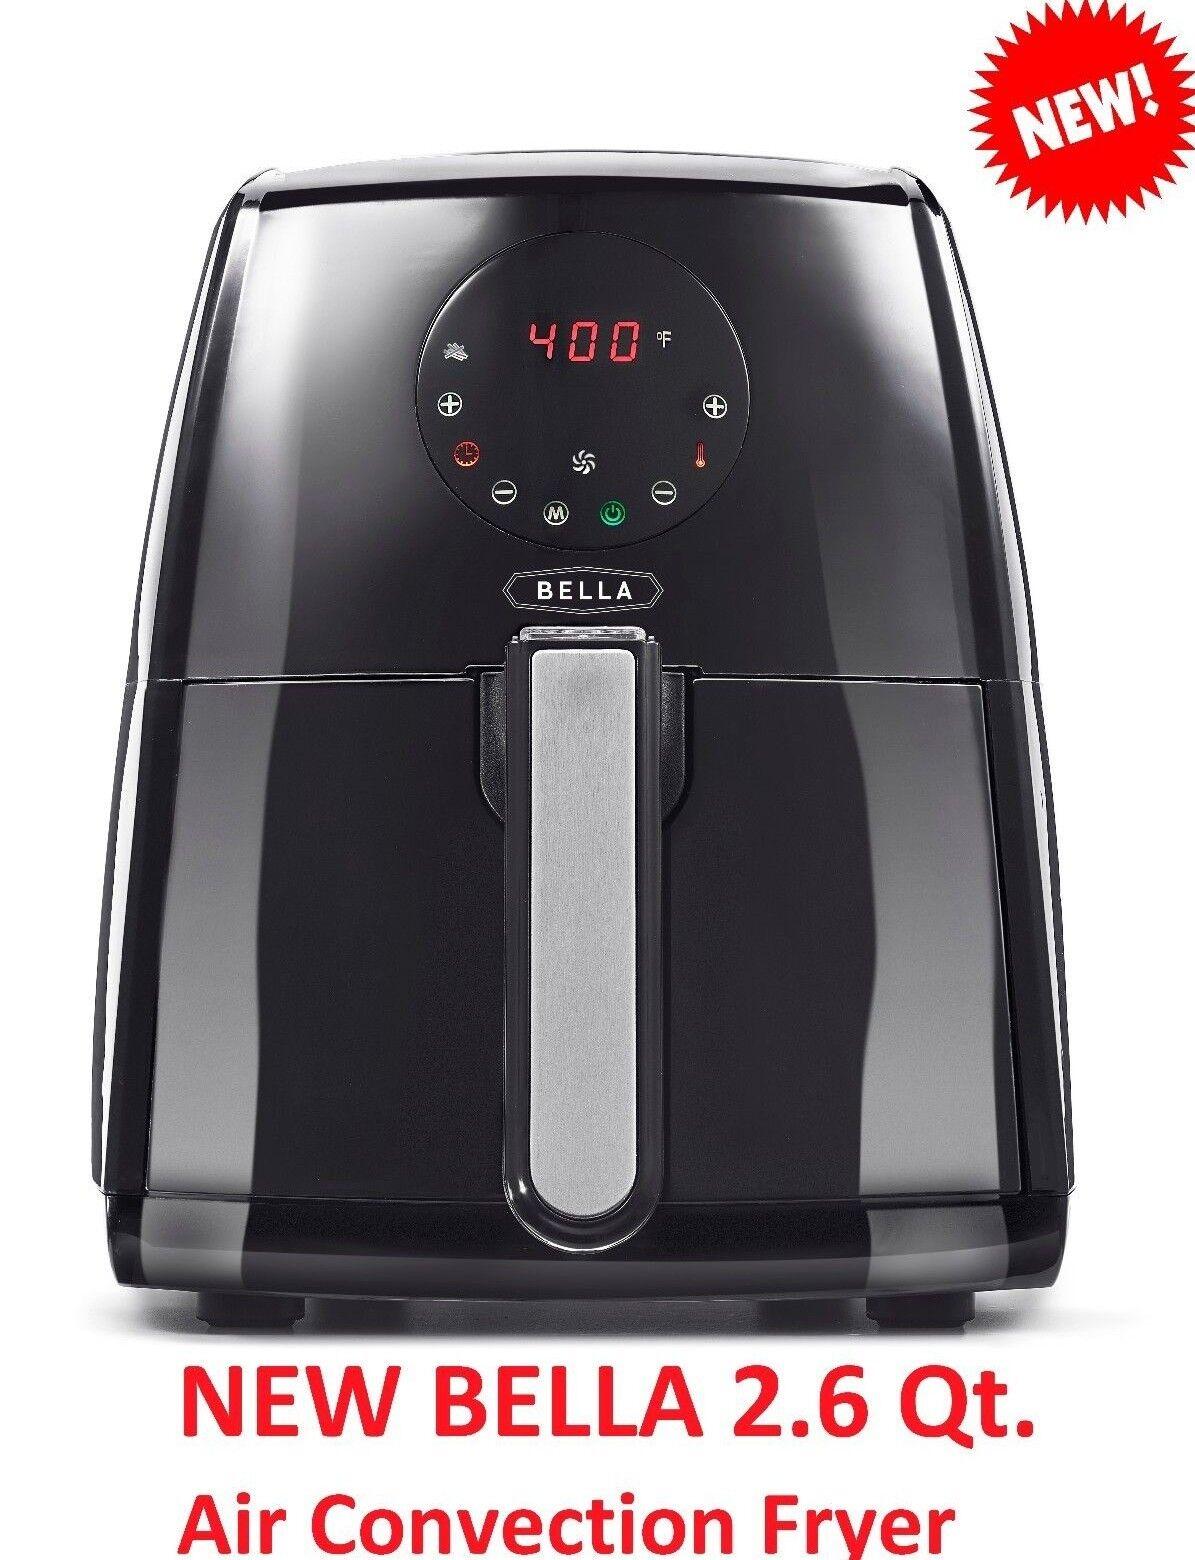 NEW !!!  BELLA 2.6 Qt  Air Convection Fryer Touchscreen  Mod